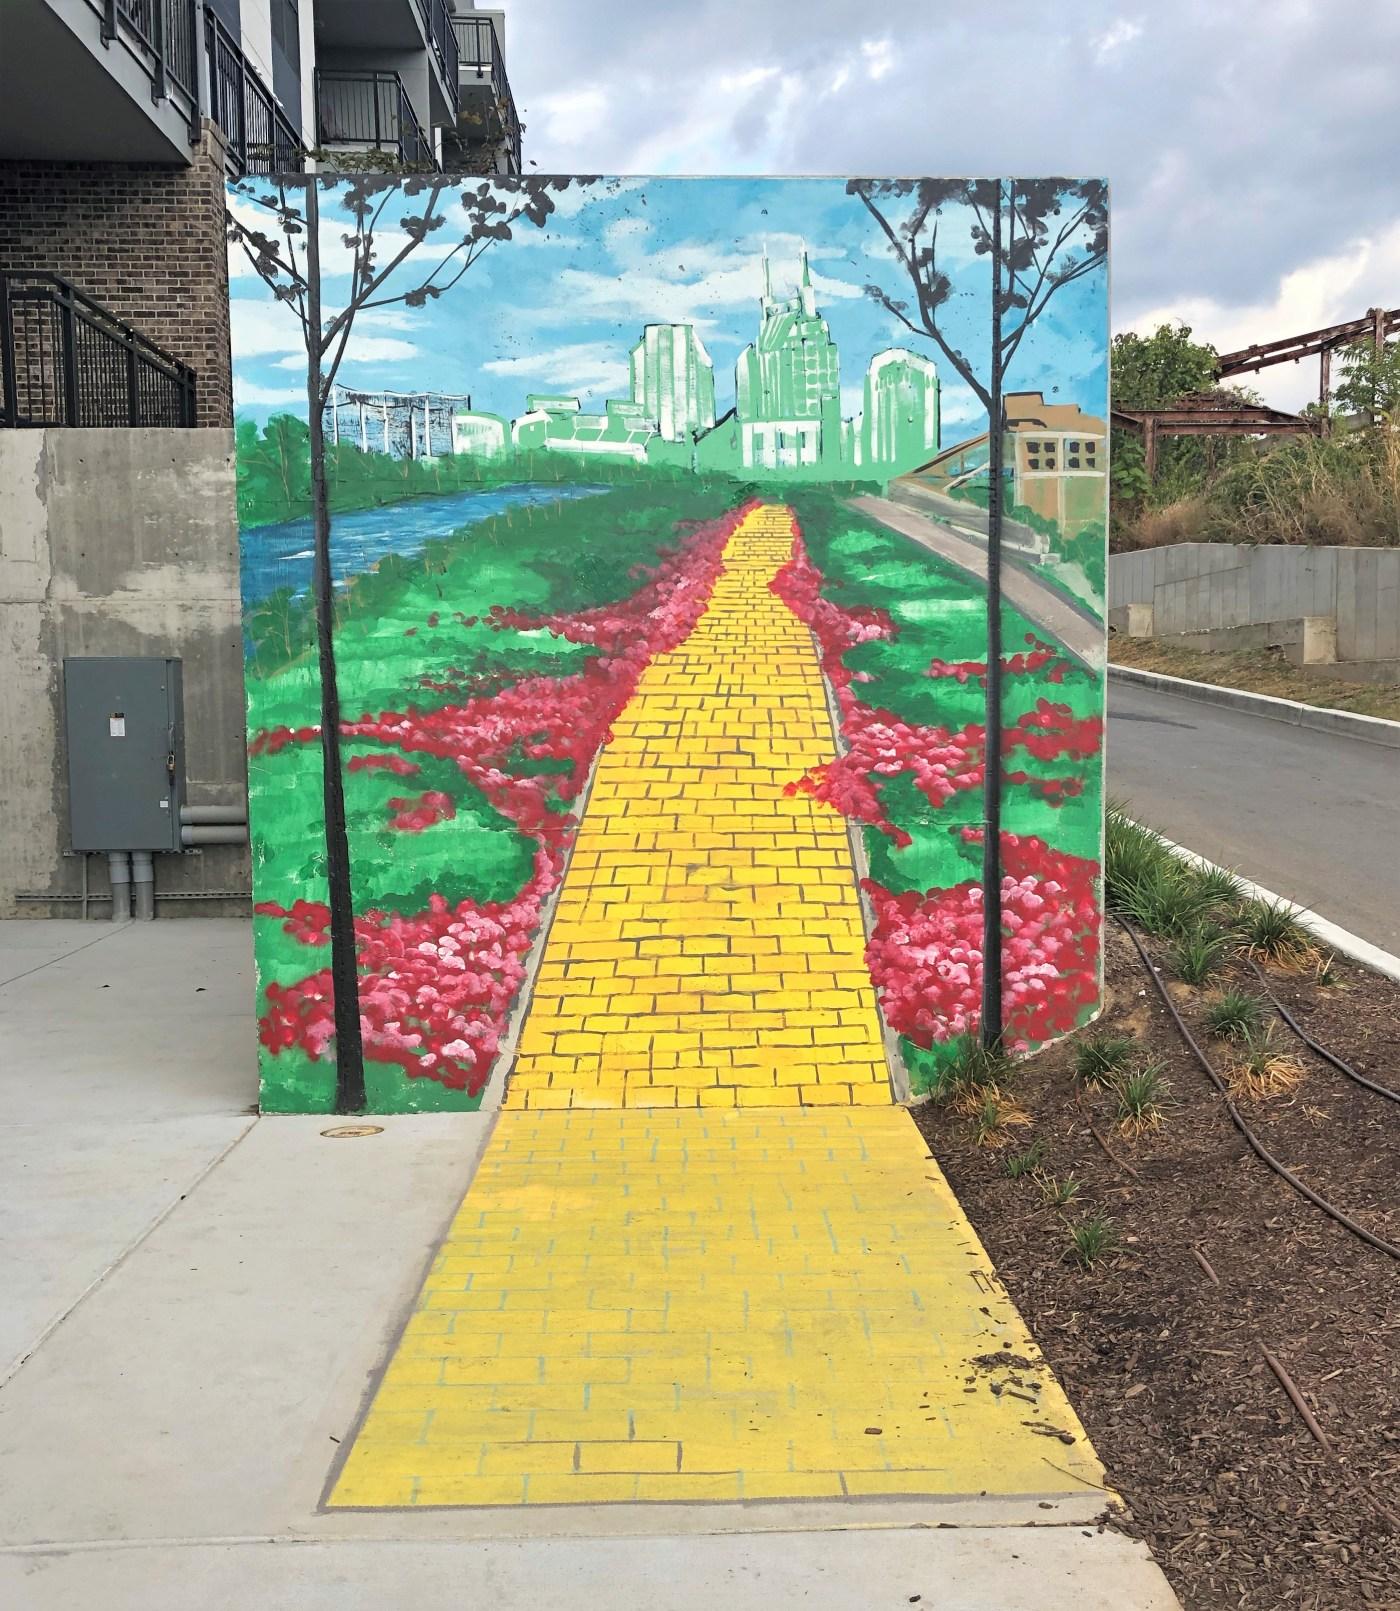 Yellow Brick Road mural